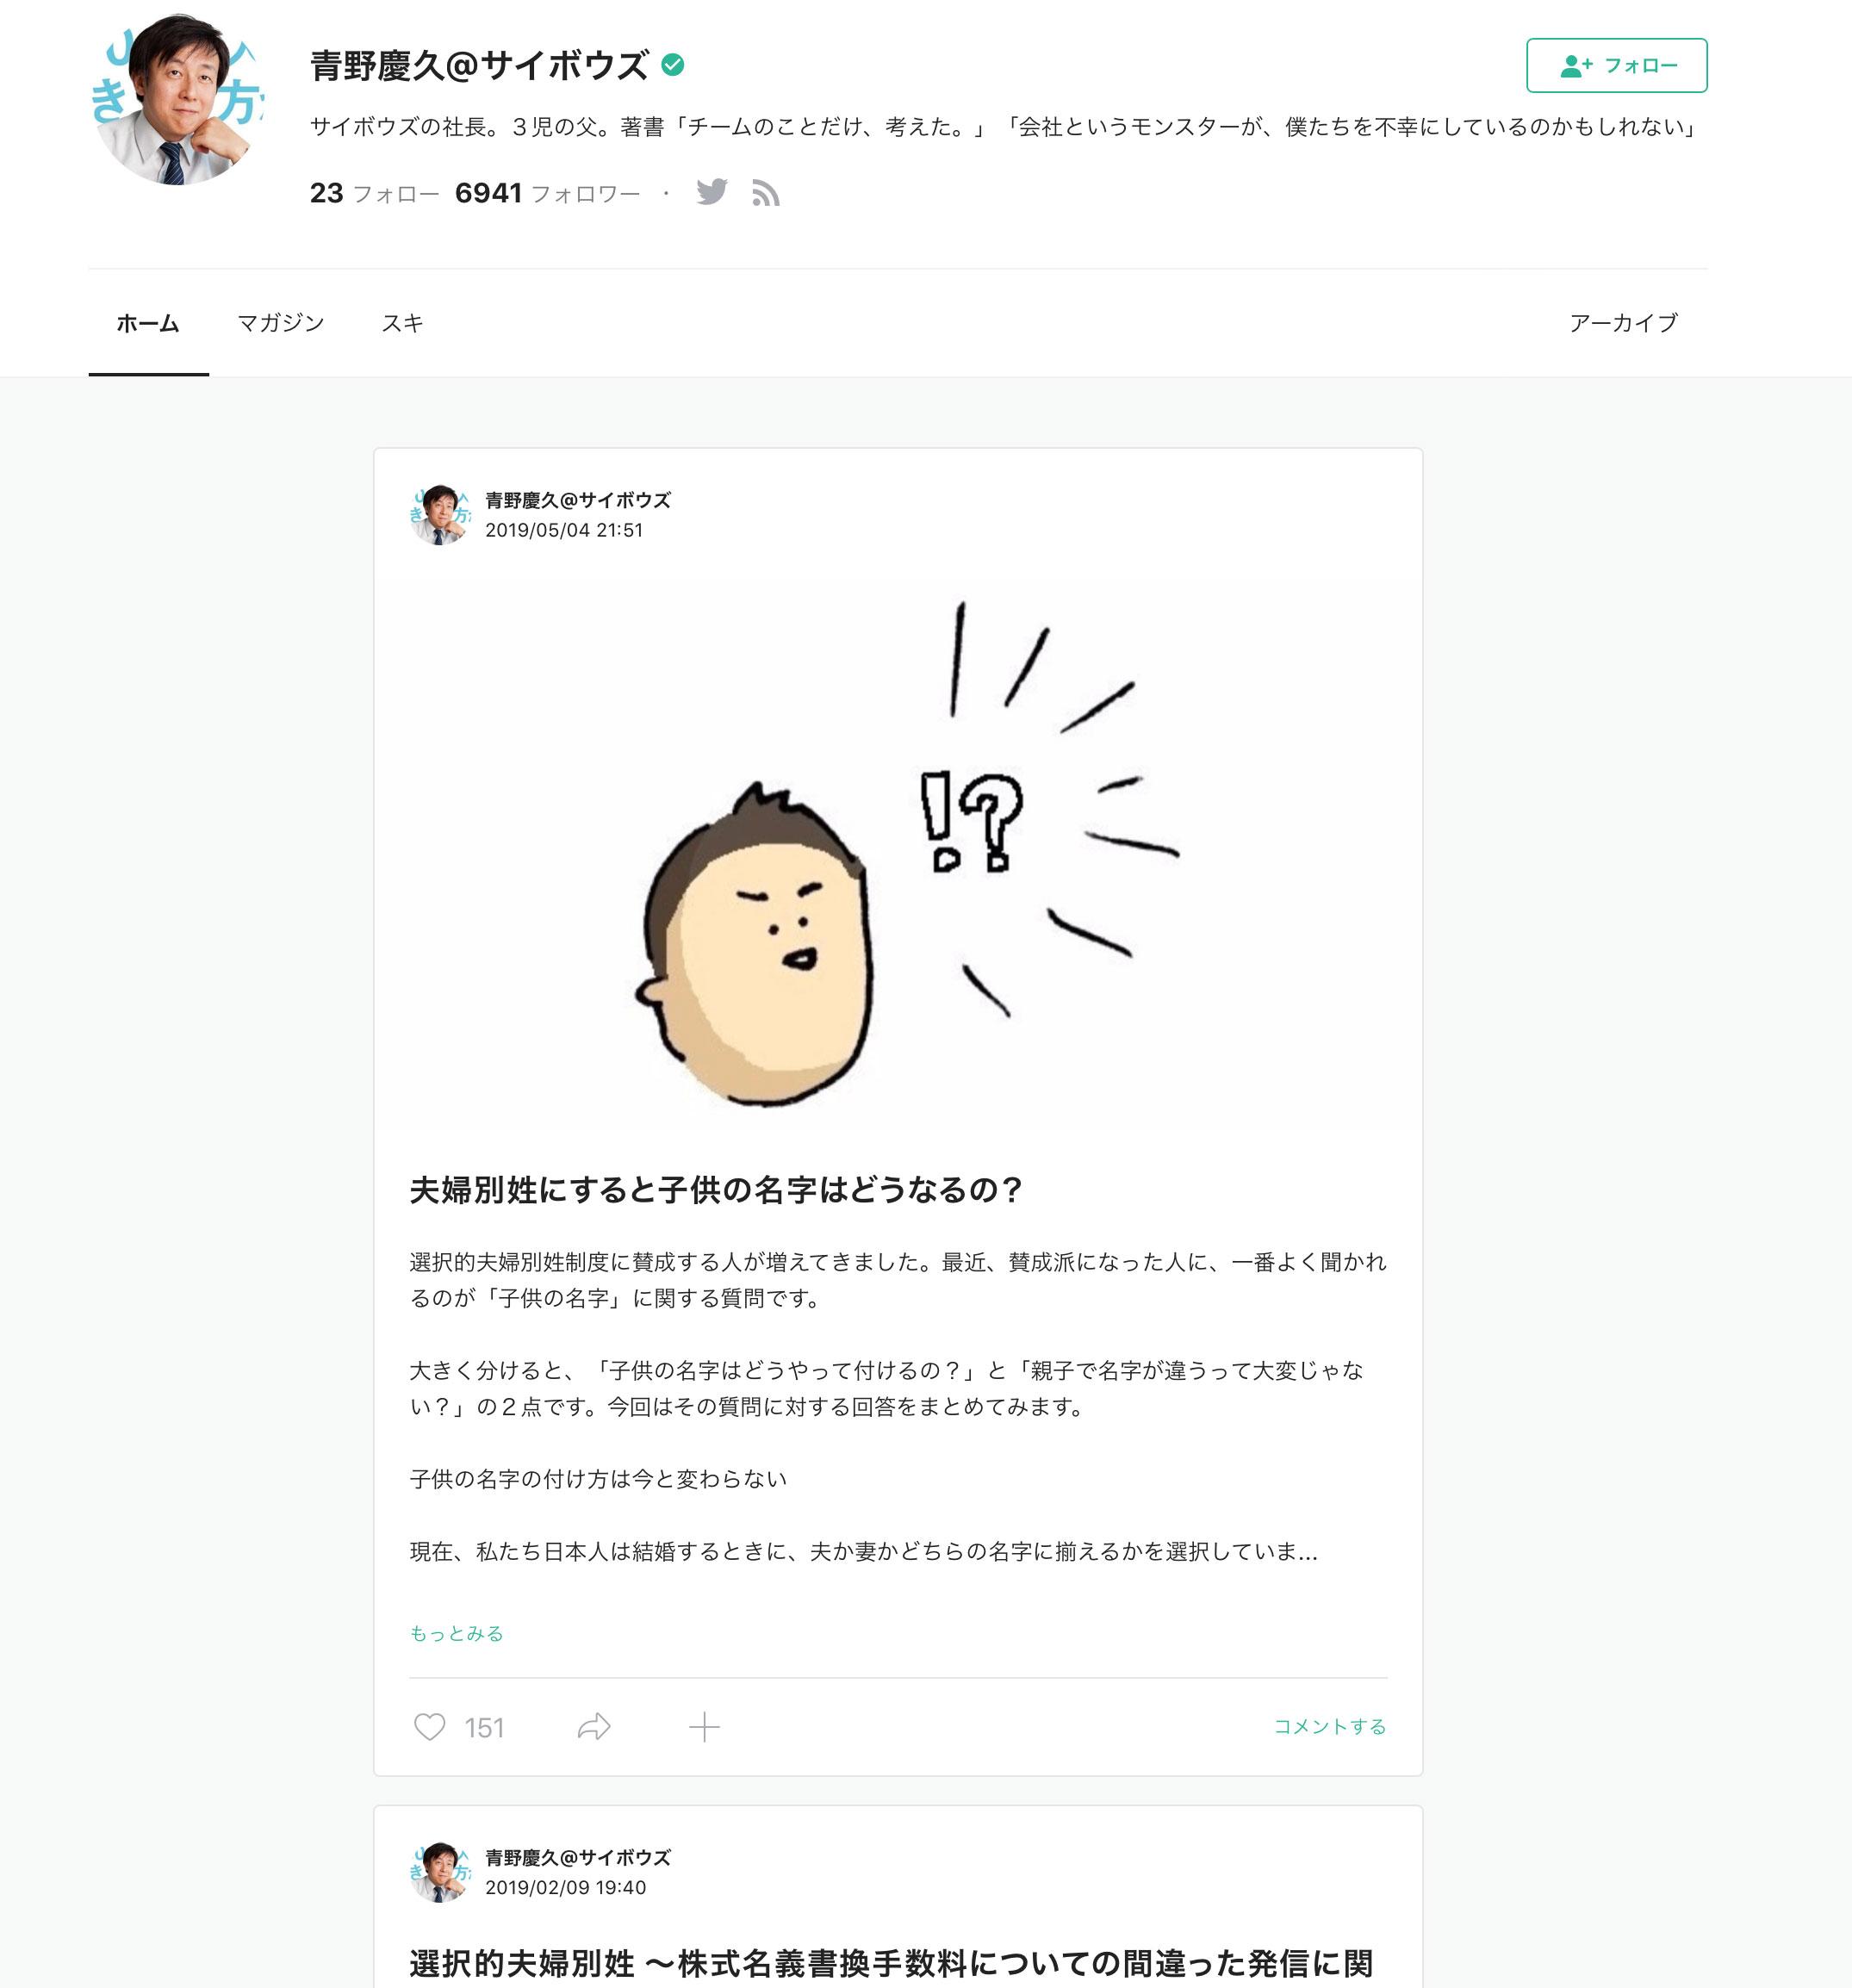 青野慶久@サイボウズさんのブログ